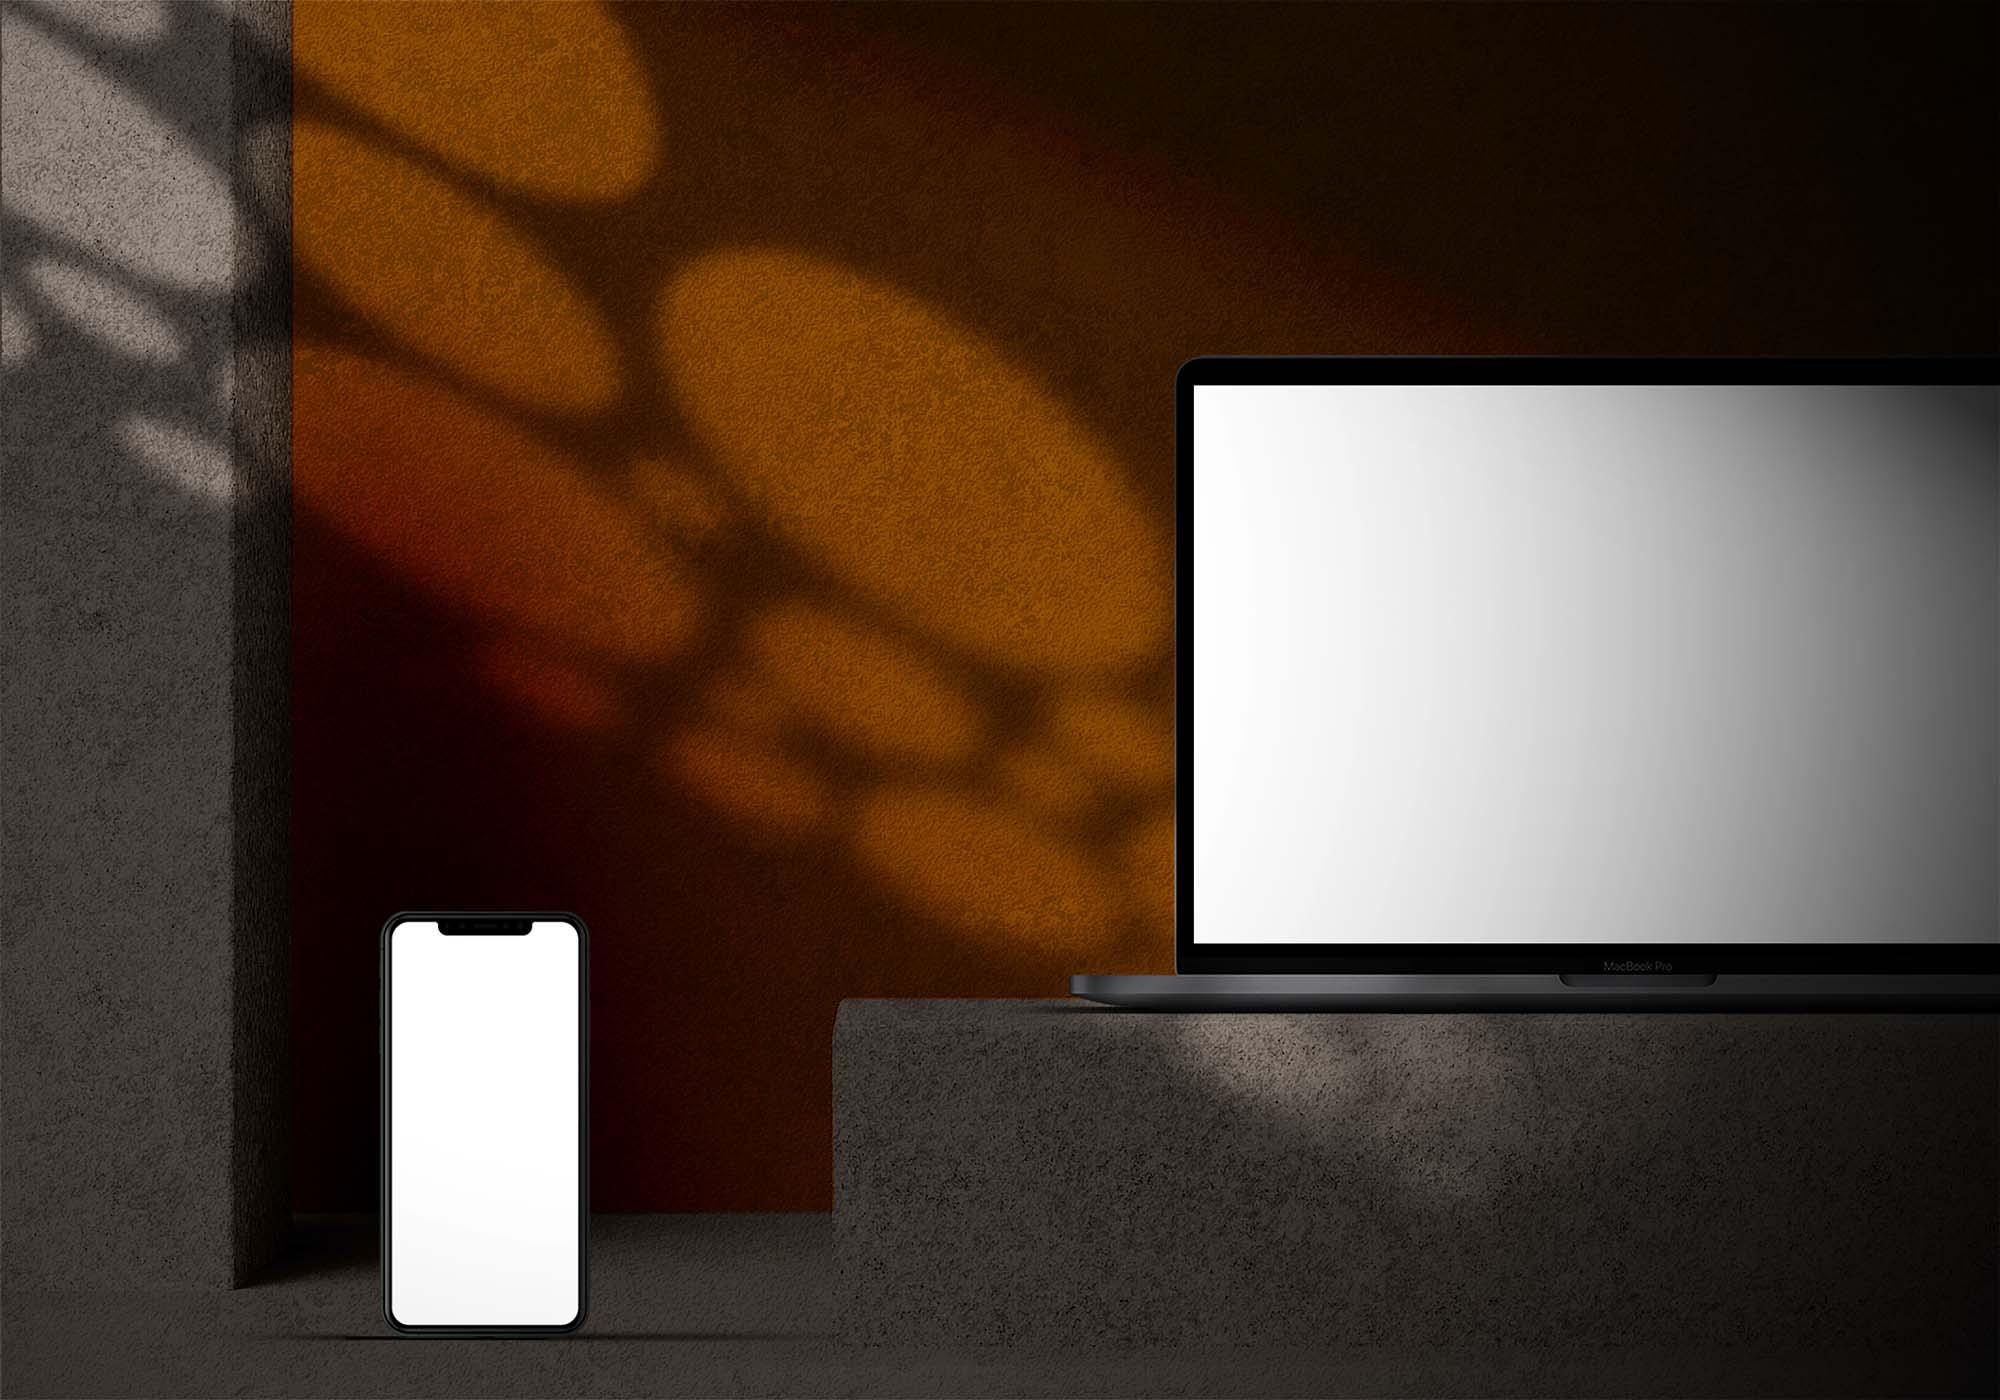 Apple Devices in Dark Mode Mockup 2